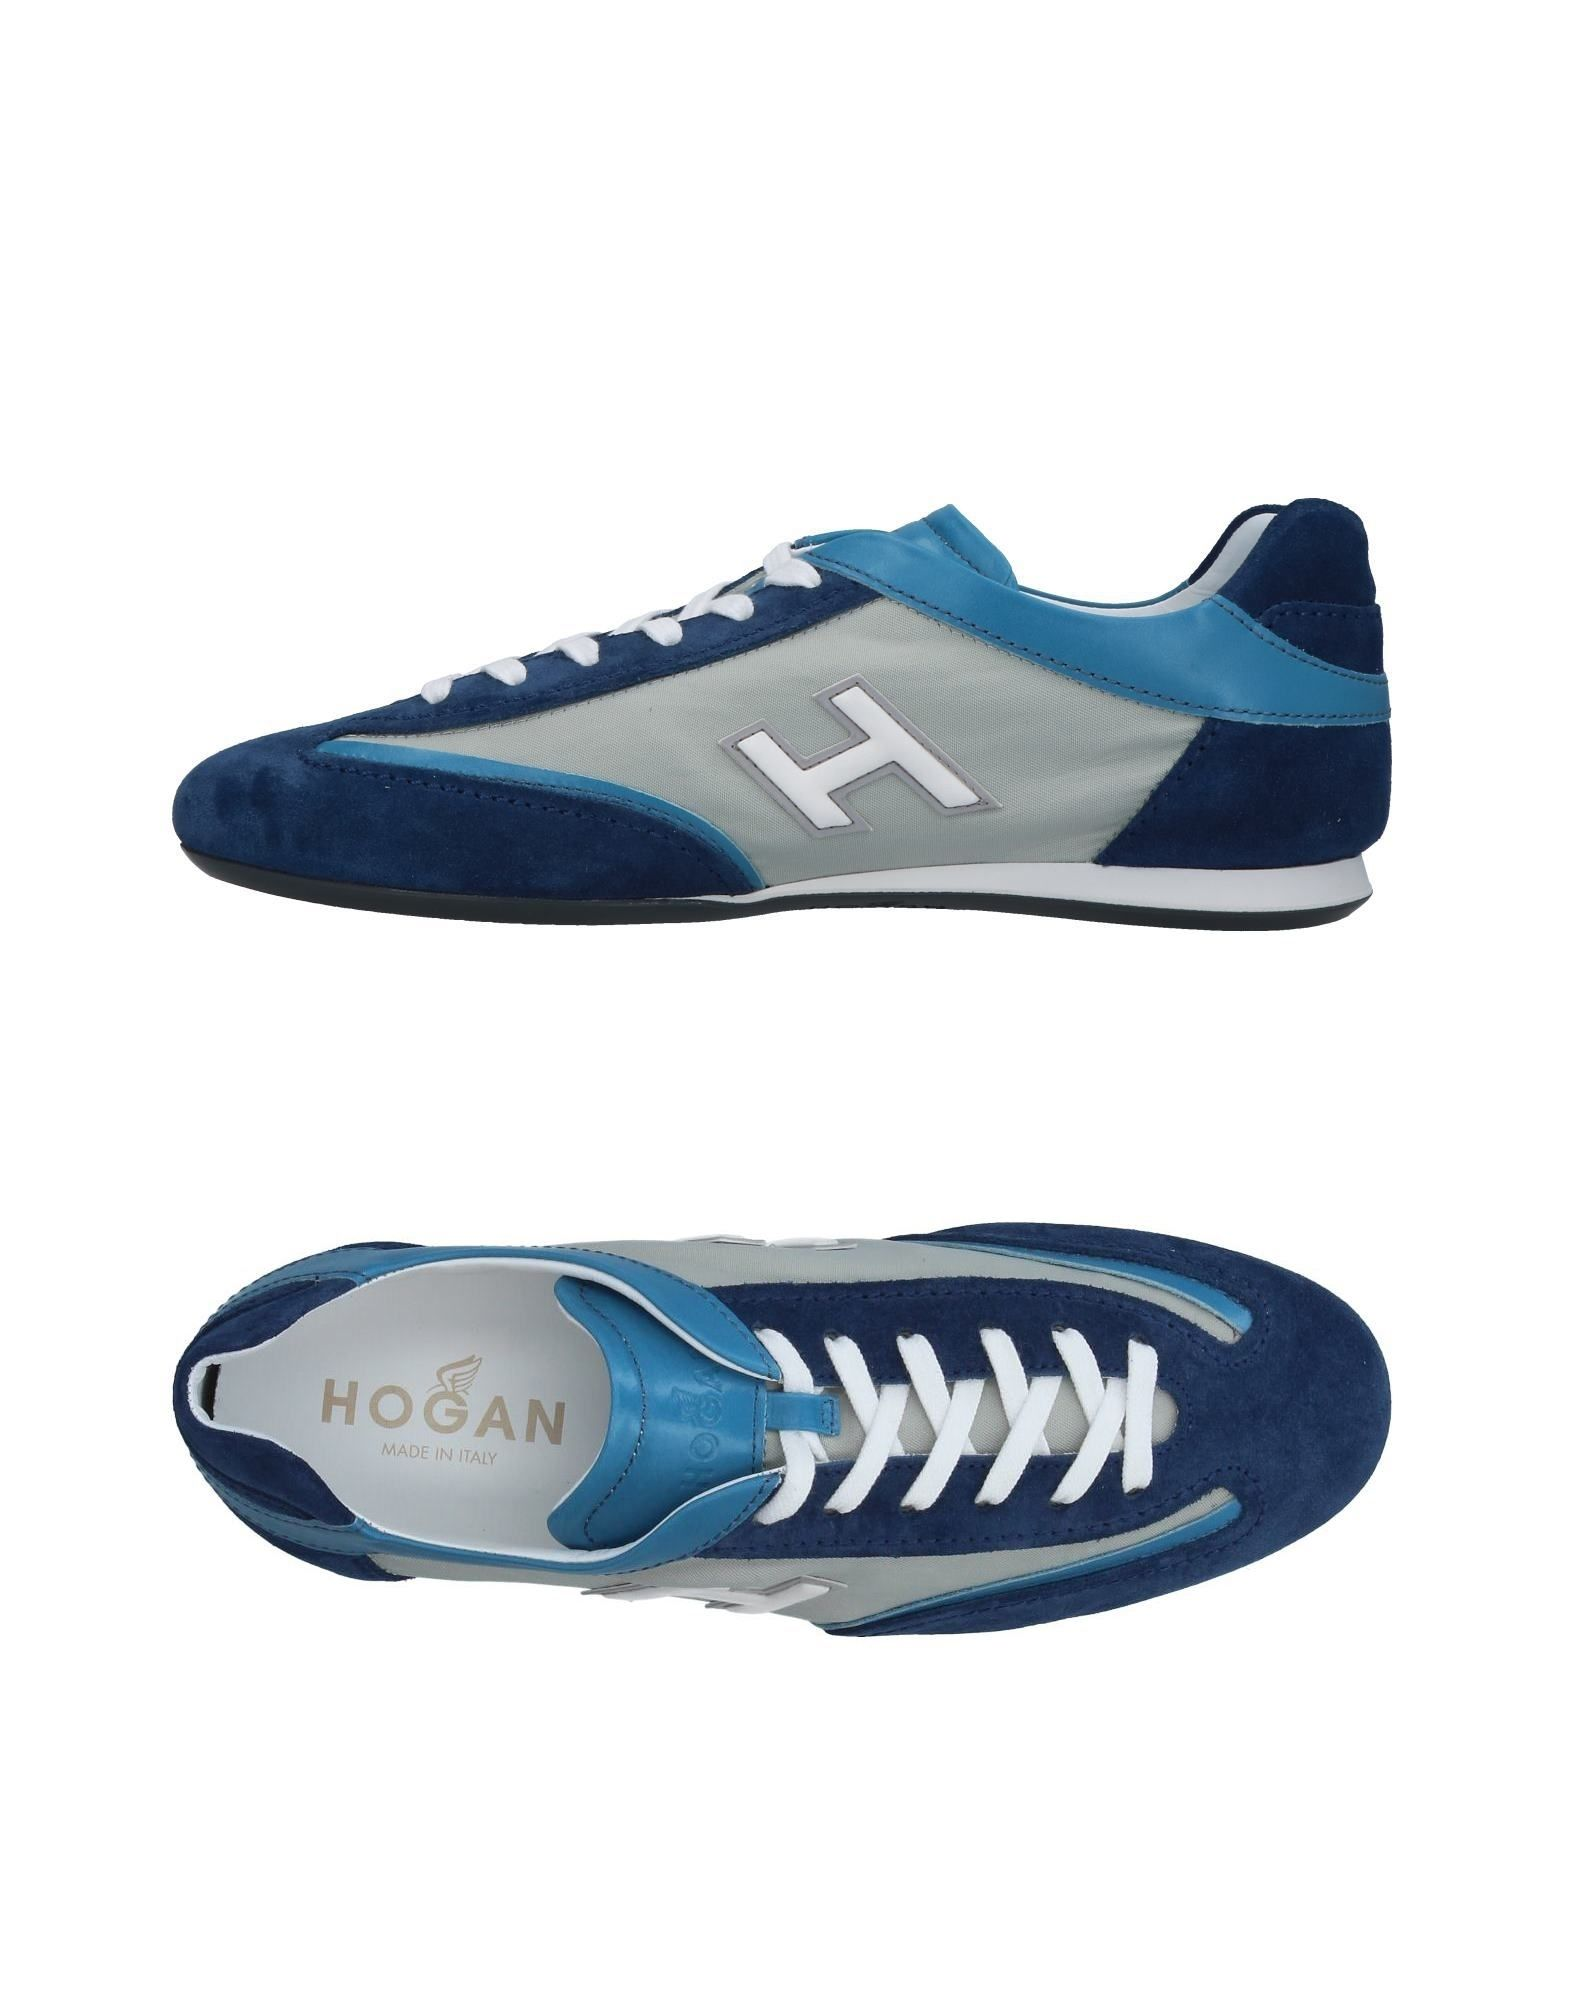 Hogan Gute Sneakers Herren  11411717FI Gute Hogan Qualität beliebte Schuhe 849fd0